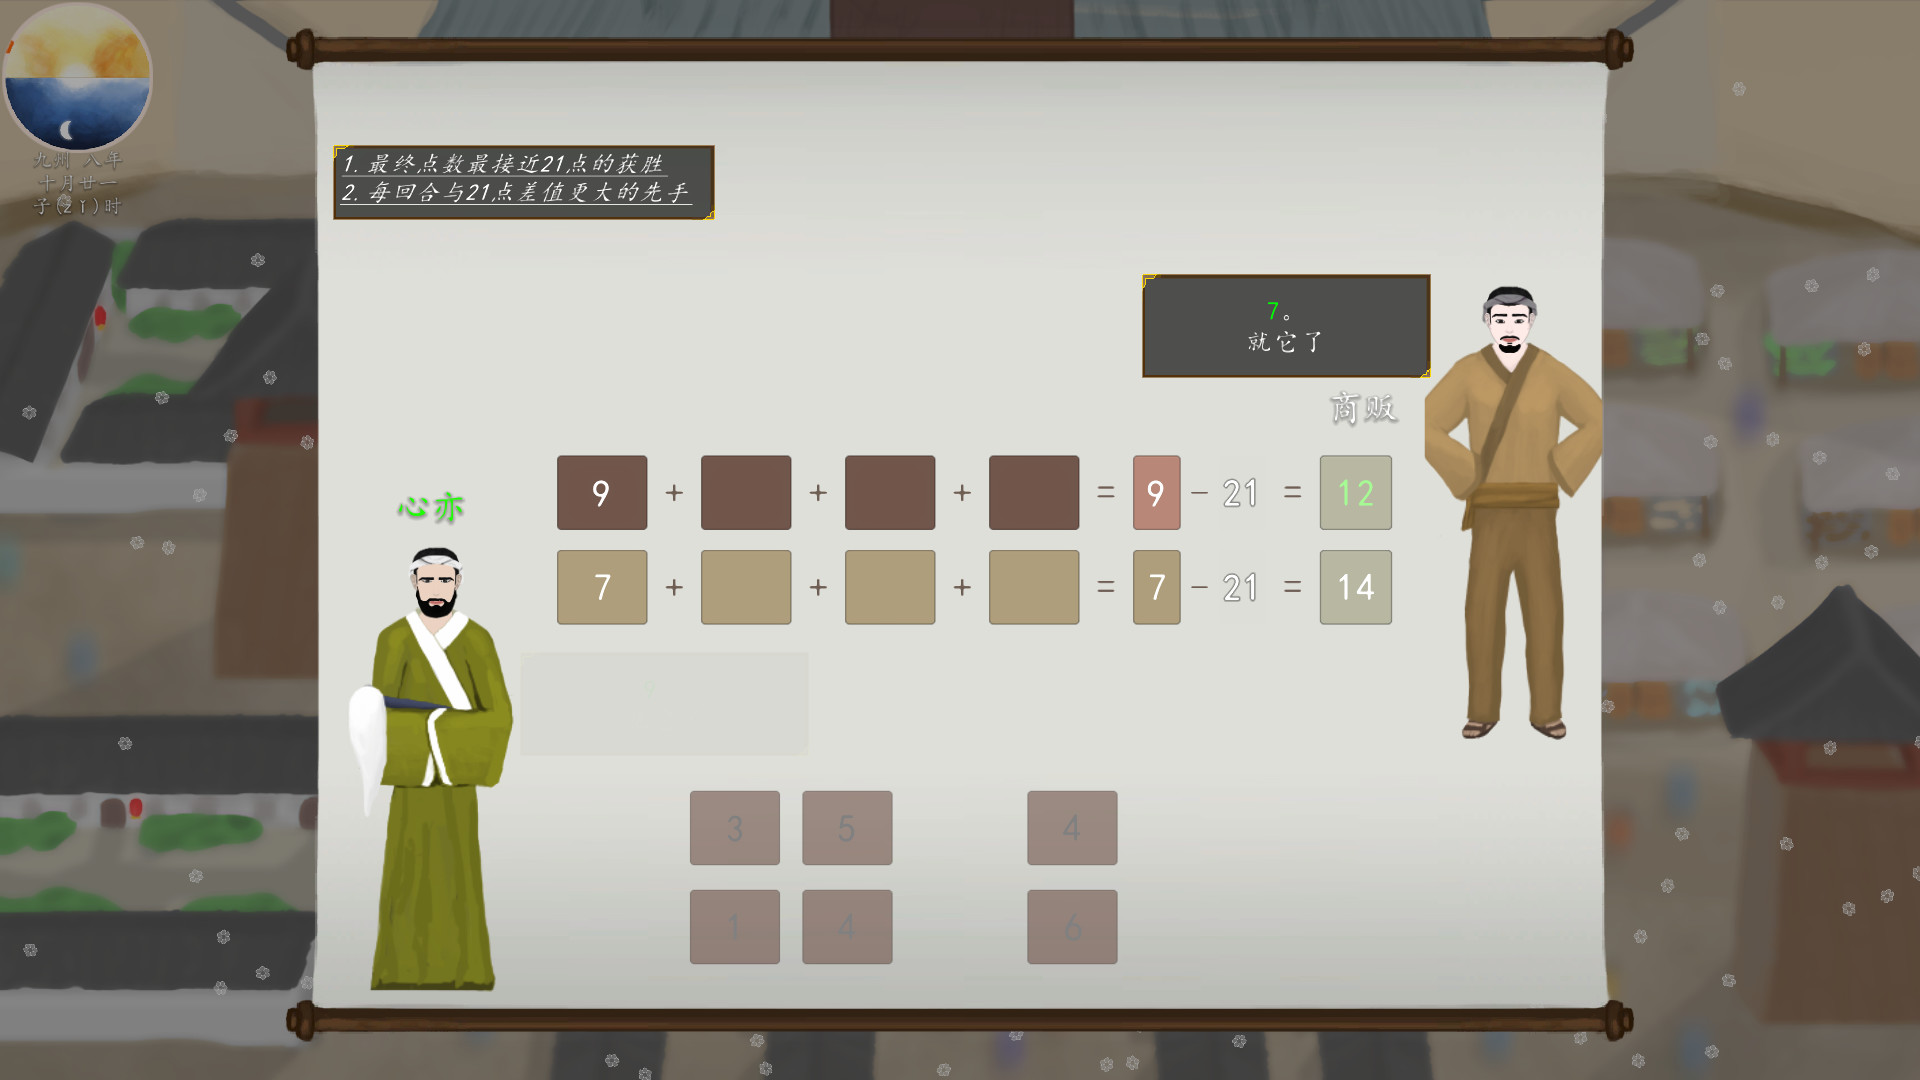 九州:商旅-正式版-v1.1.62 官中插图6